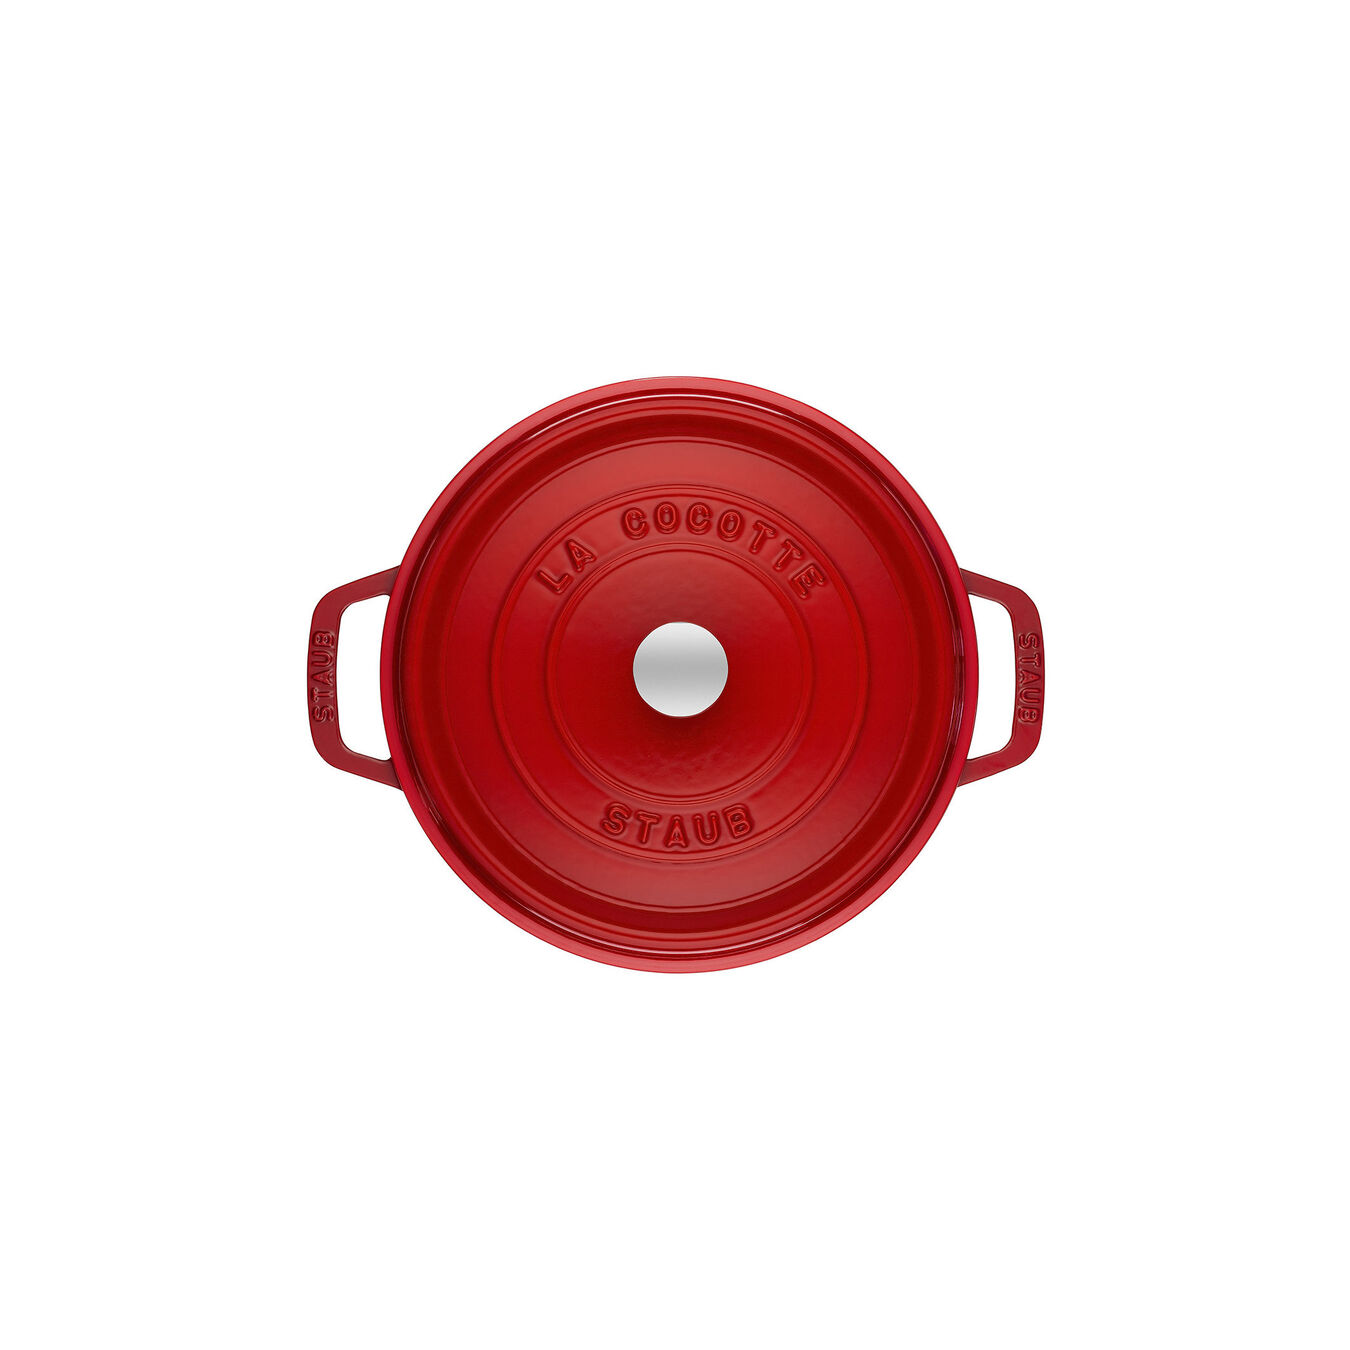 Caçarola 18 cm, redondo, cereja, Ferro fundido,,large 2